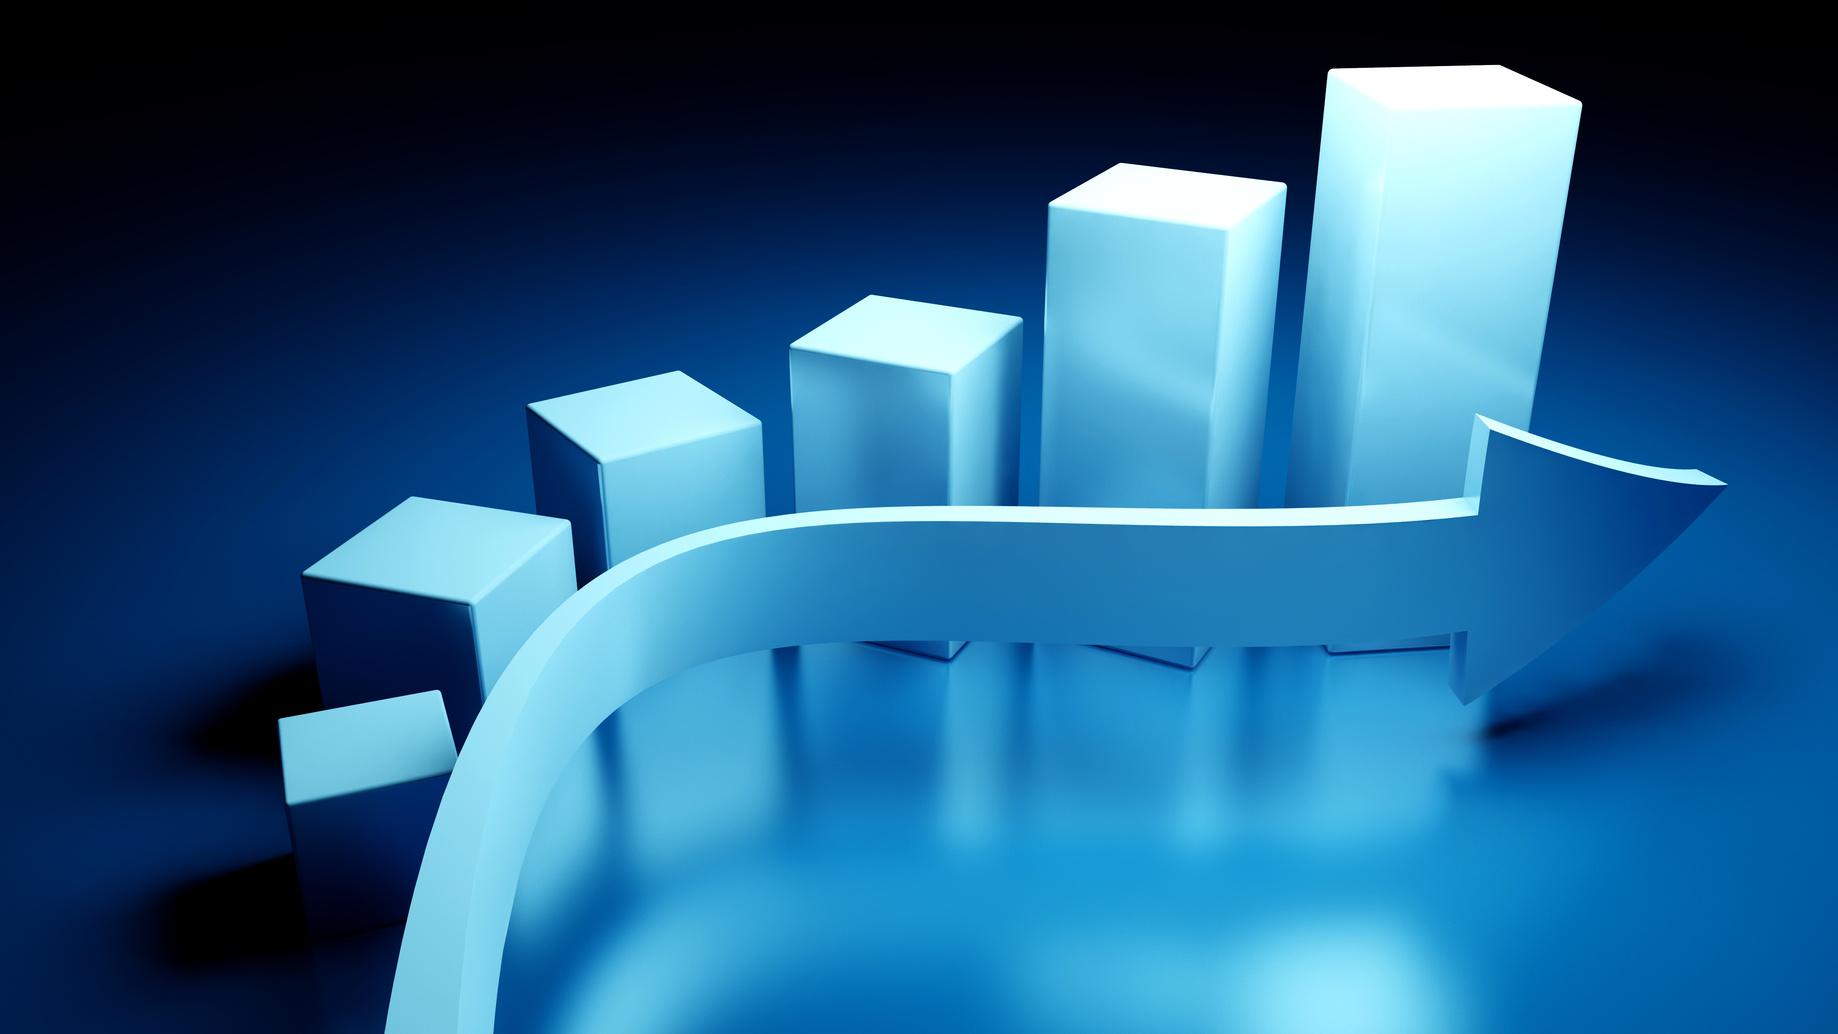 Immobilier Floride Investissement La croissance est stable